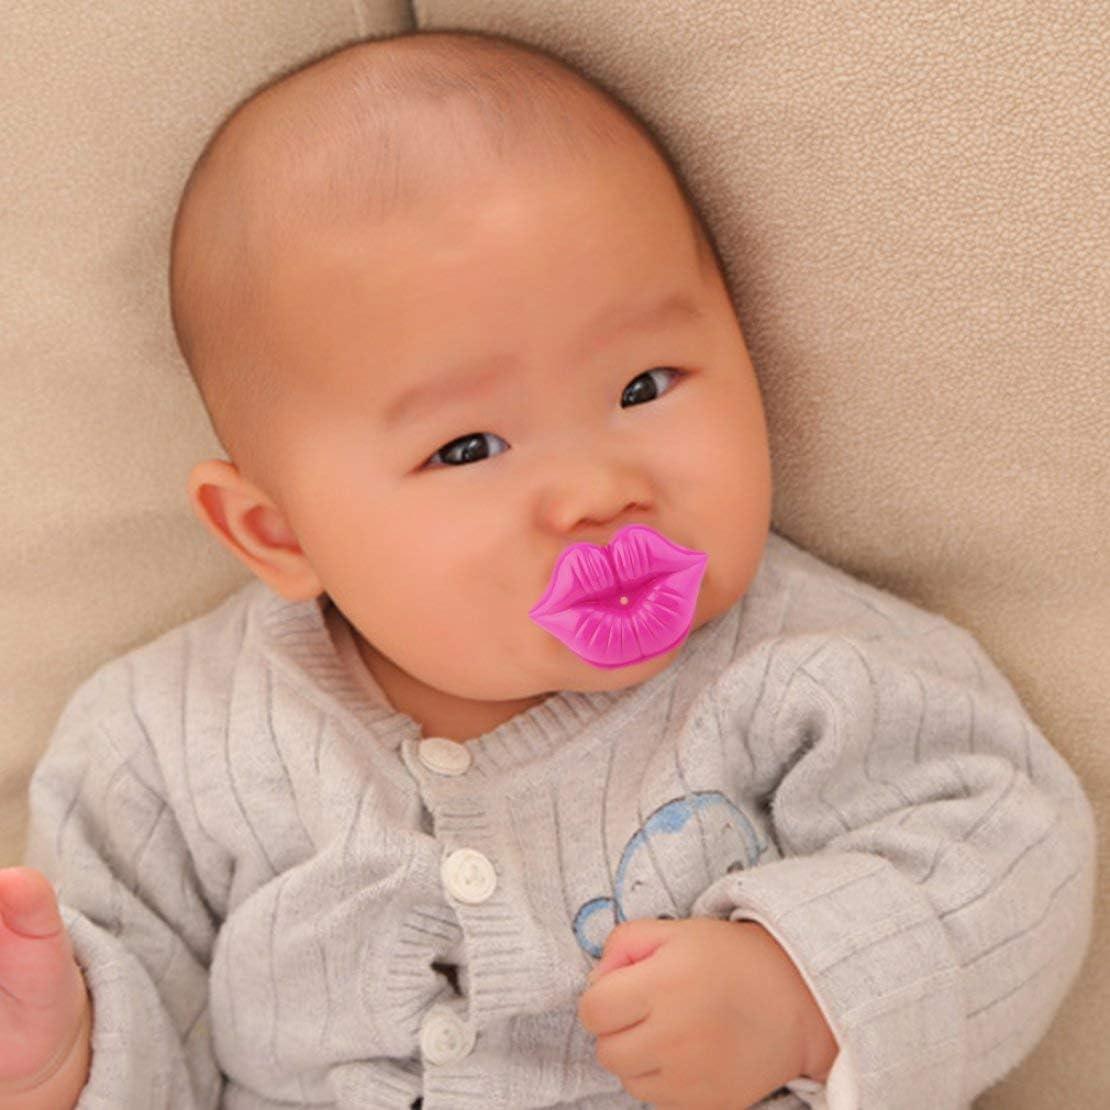 Estilo de beso chupete niños seguro pezón bebé portátil chupete divertido chupete fortalecer las encías del bebé de silicona juguetes infantiles: Amazon.es: Bebé